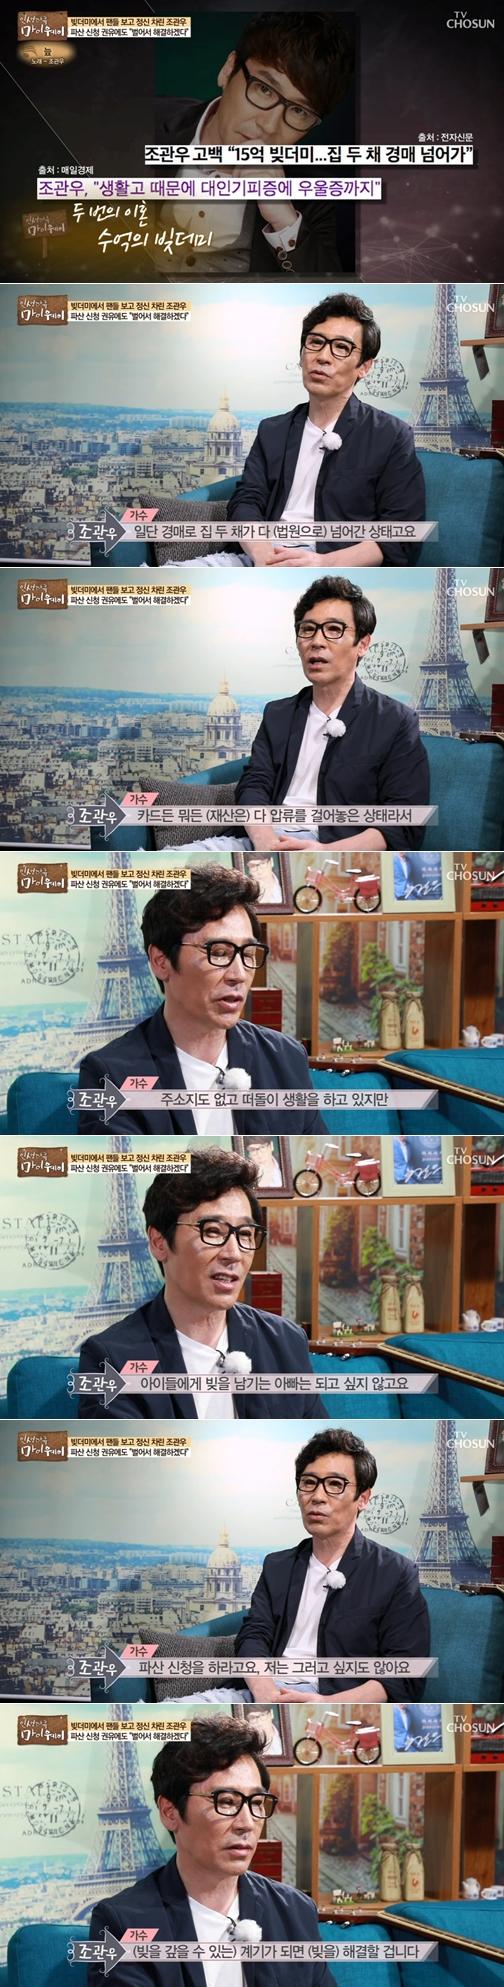 """조관우 """"15억 빚 때문에 떠돌이 생활...카드 사용도 못해"""""""